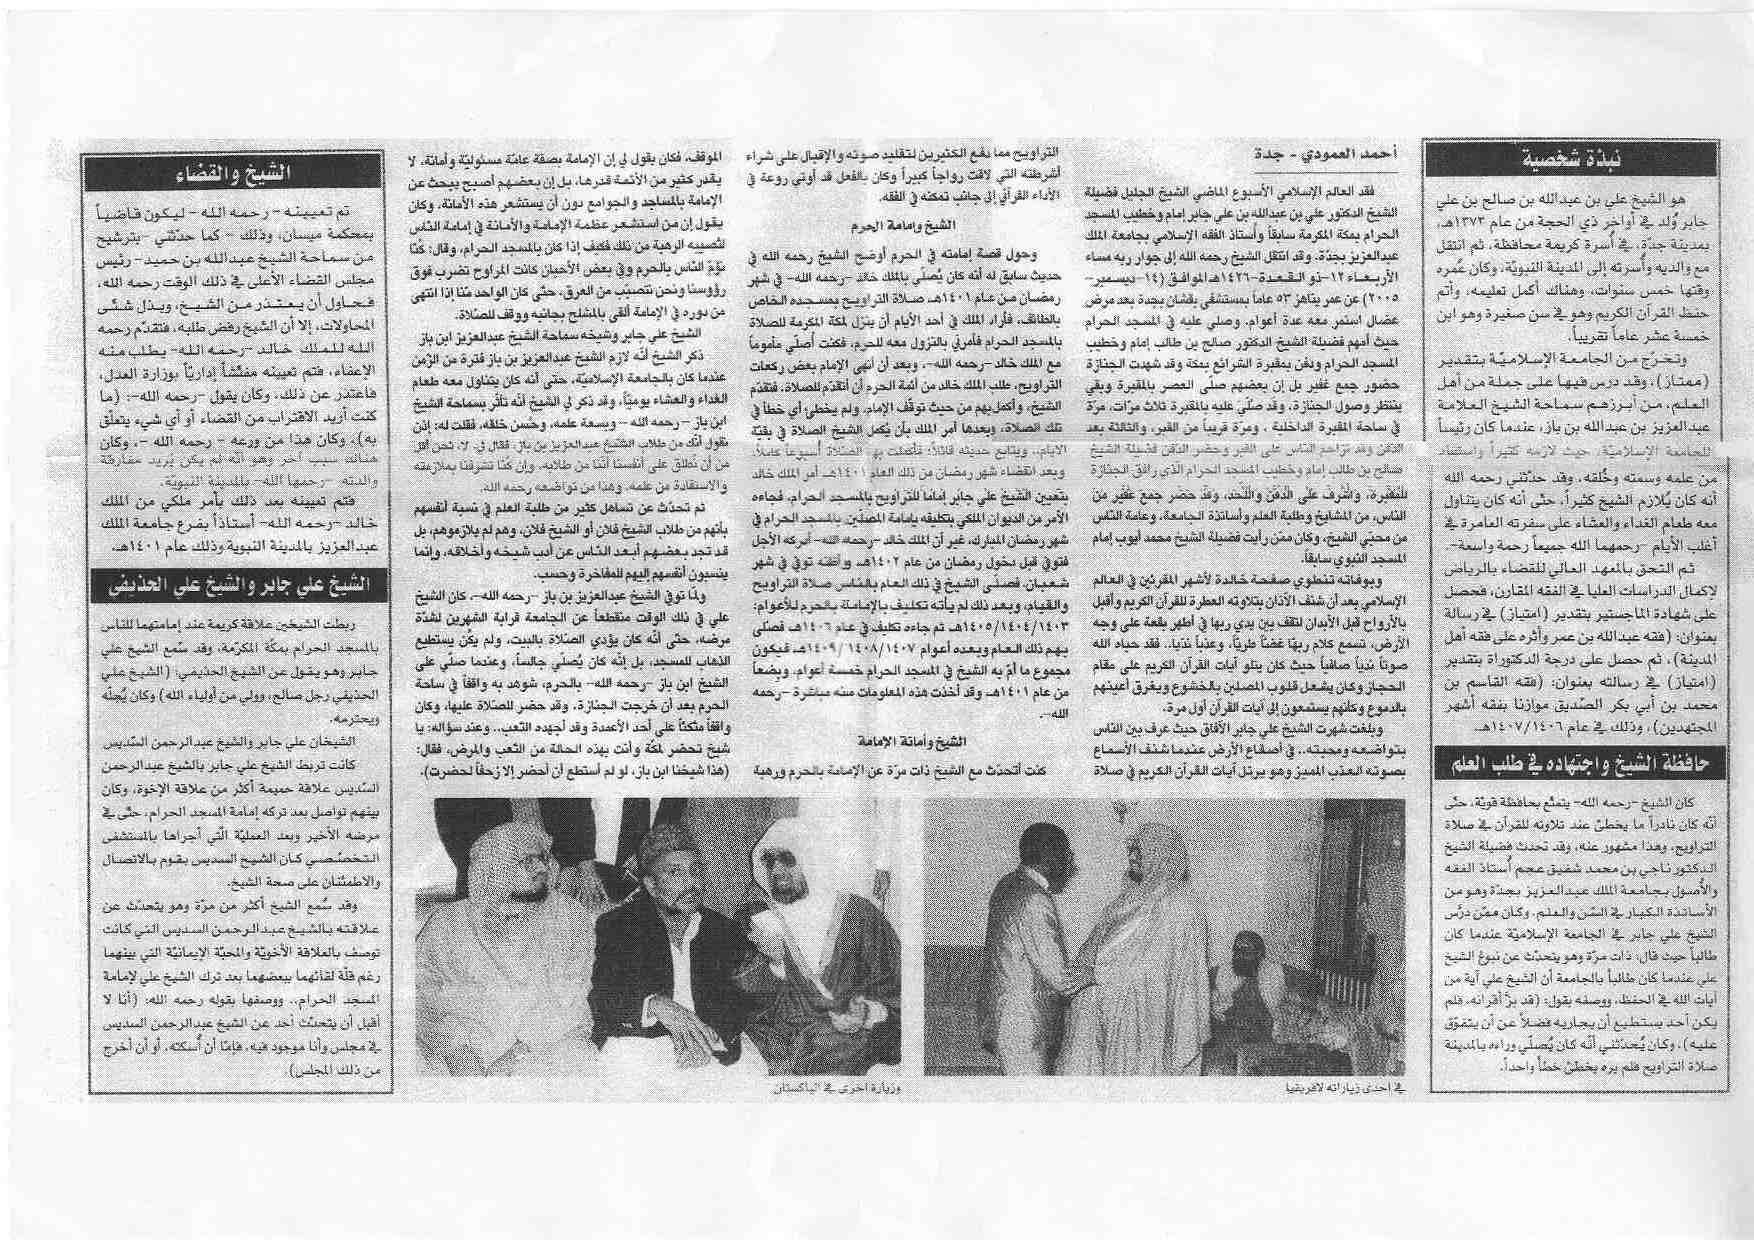 رحيل الشيخ علي جابر 1